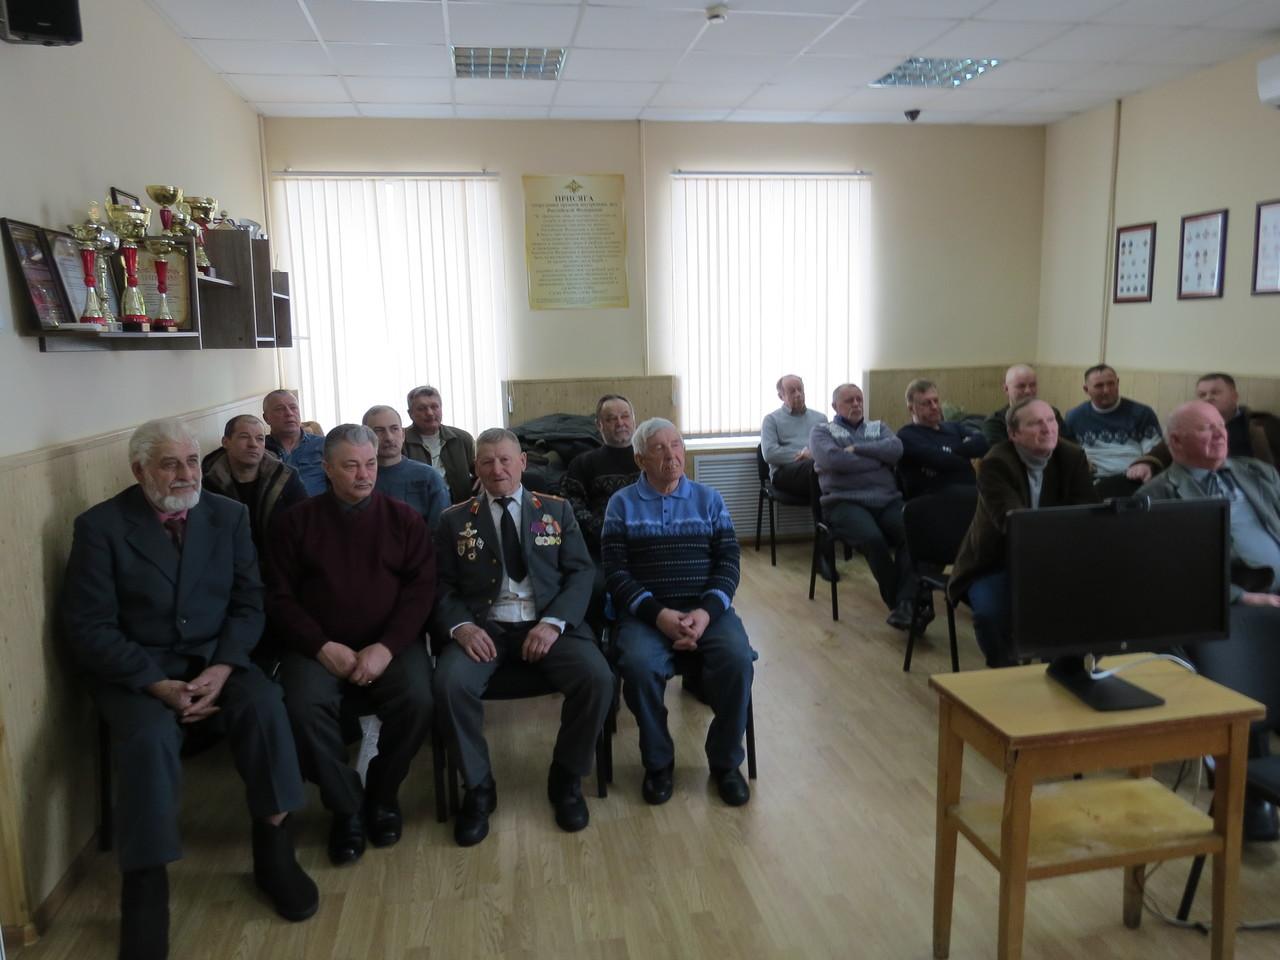 Правовым центром «Точка опоры» проведен правовой семинар в Борисовском районе Белгородской области